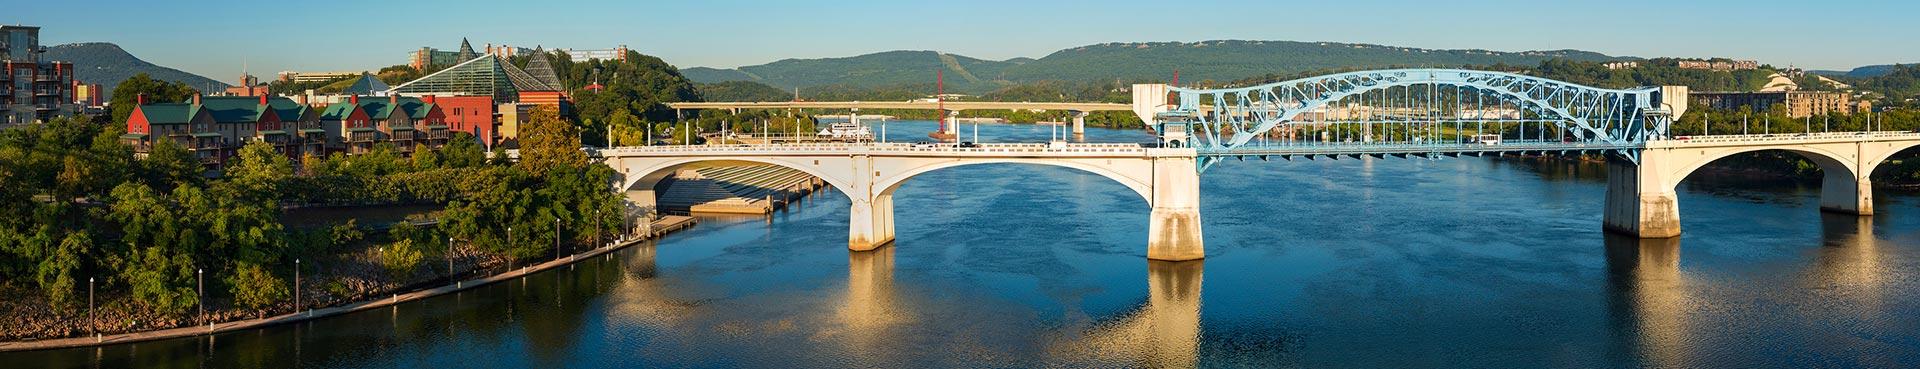 Hixson bridge